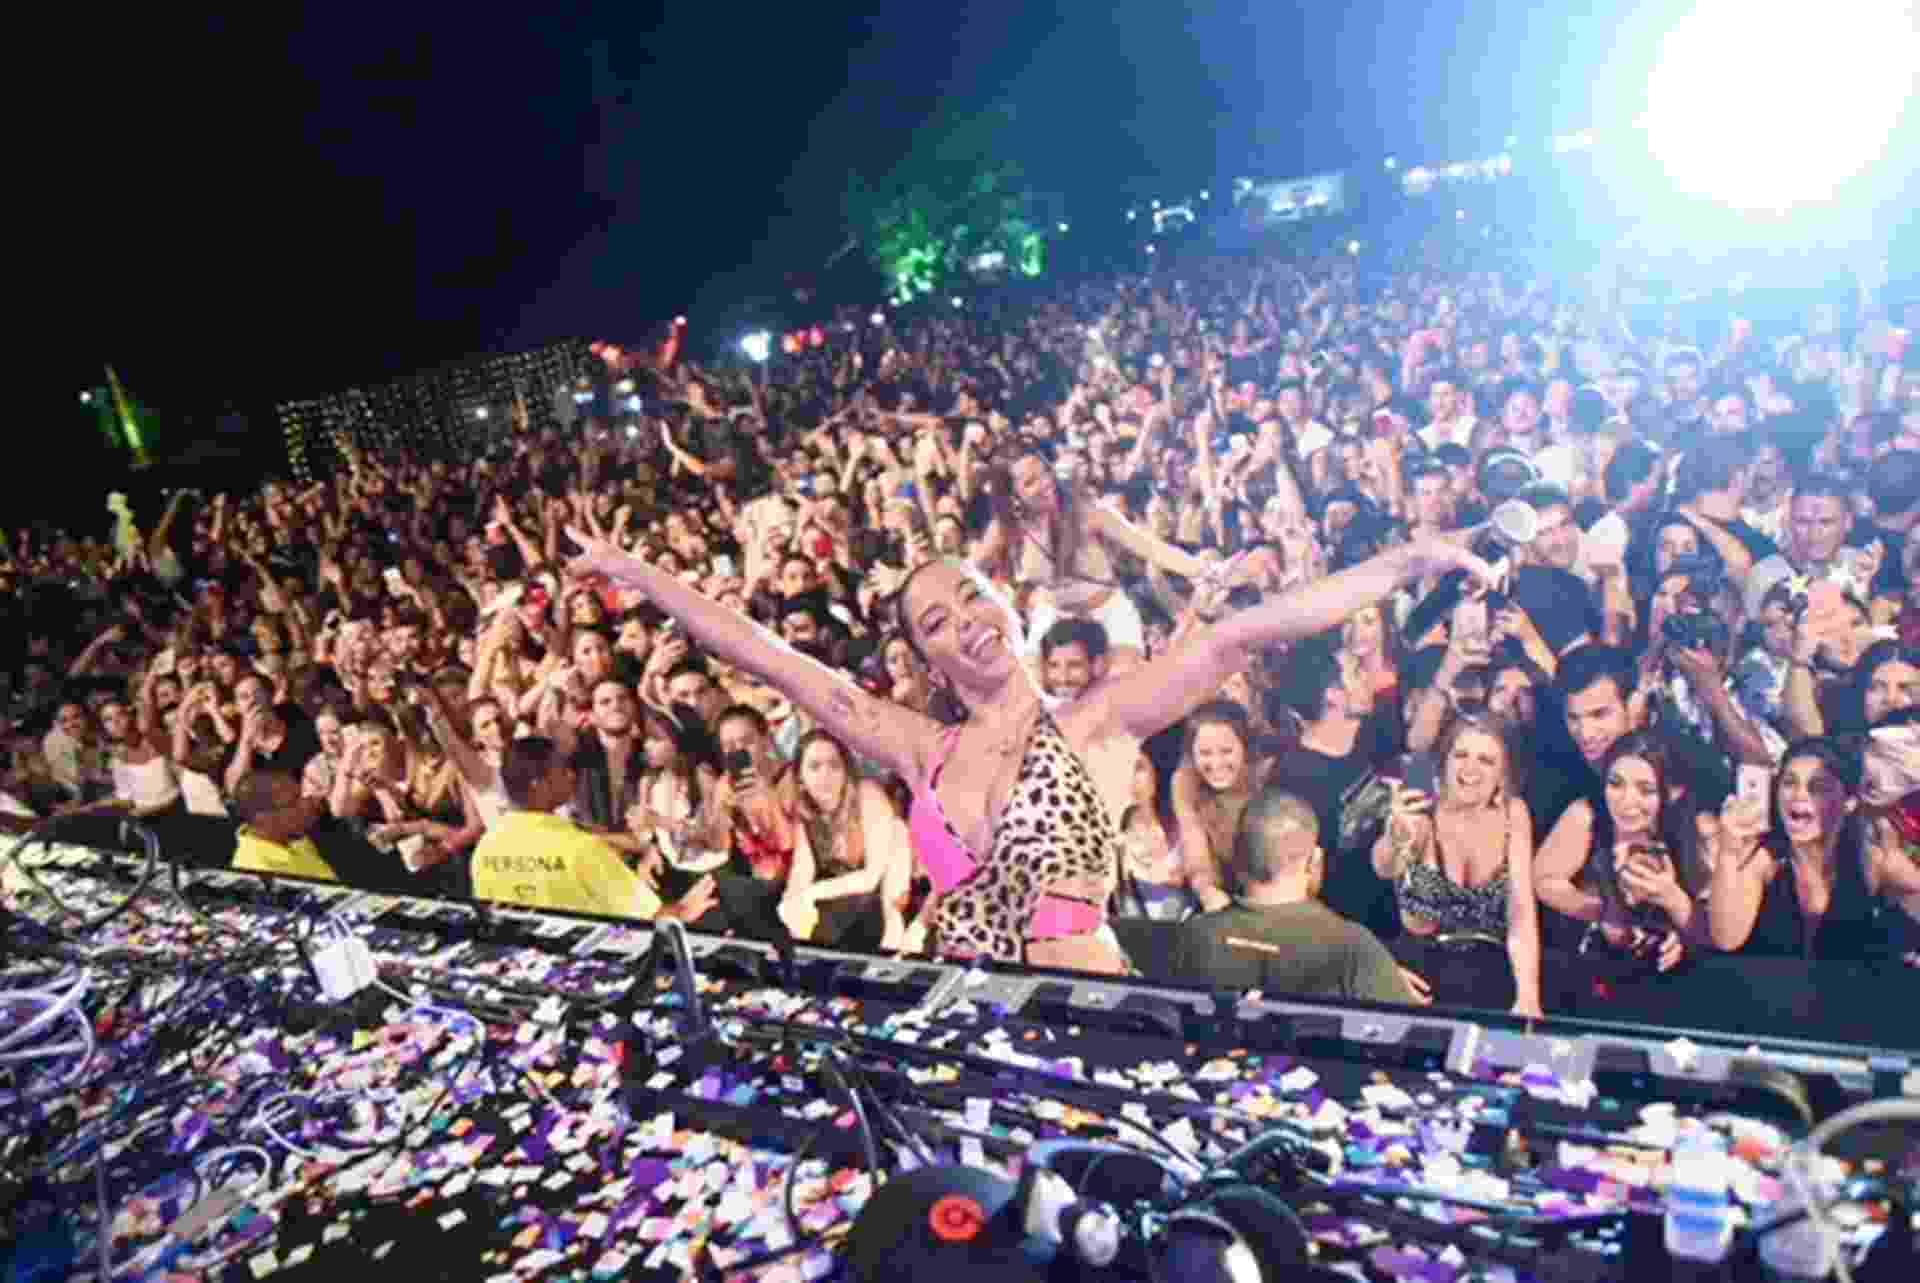 Anitta faz participação surpresa na festa Esbórnia, na Barra da Tijuca, zona oeste do Rio de Janeiro - Ari Kaye/Divulgação